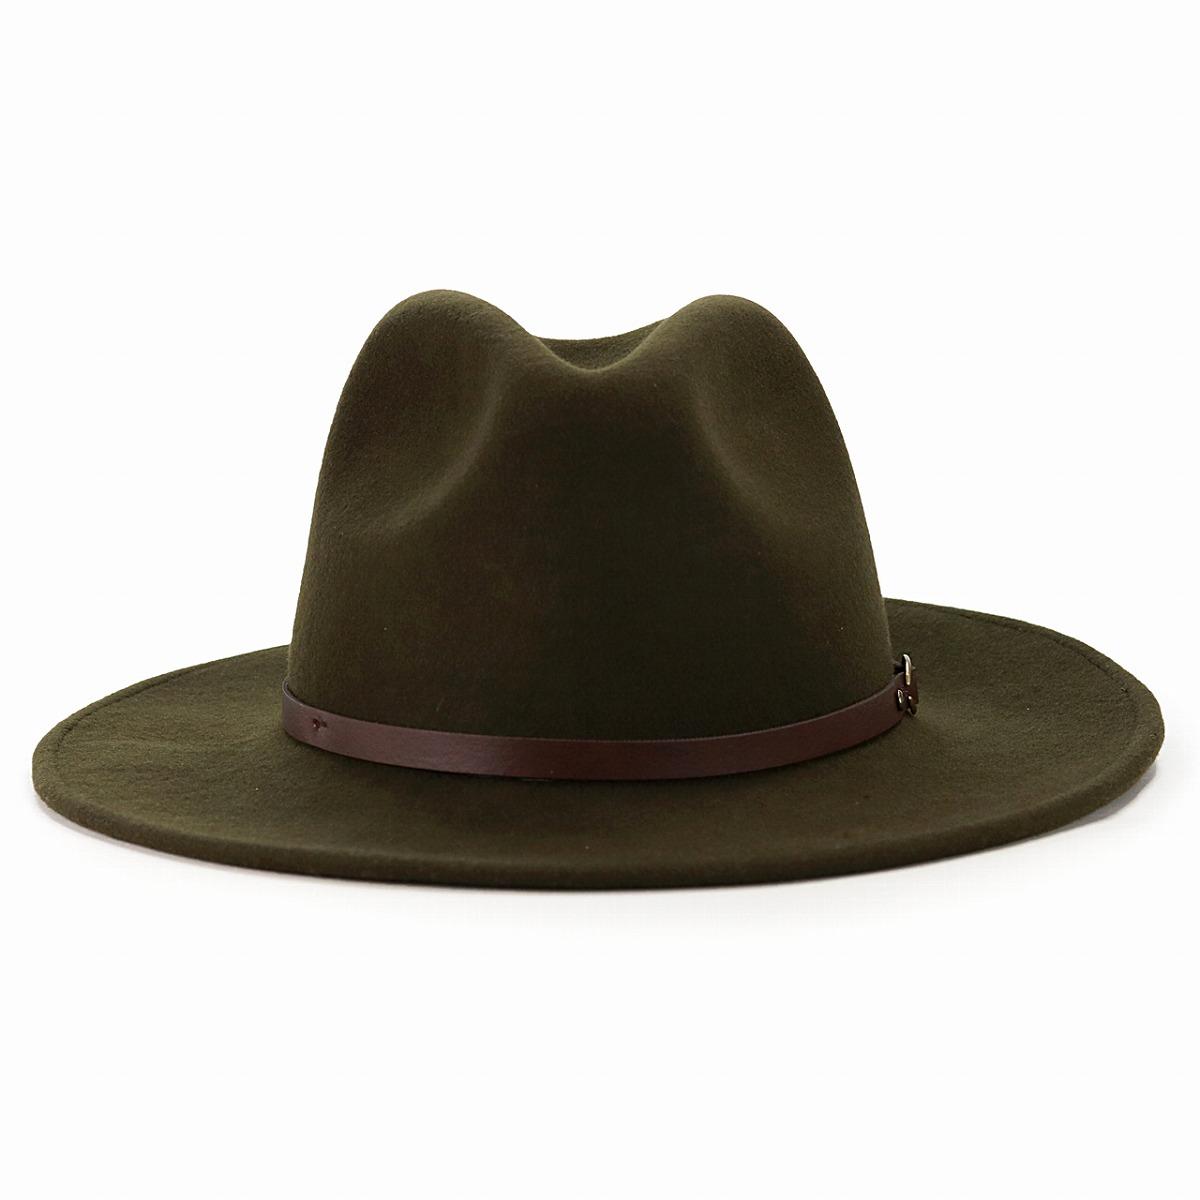 cf51fa30a61d7d ... Christie's hat men's wide brim Christie's London brim wide Hat autumn/winter  Safari Hat Hat ...